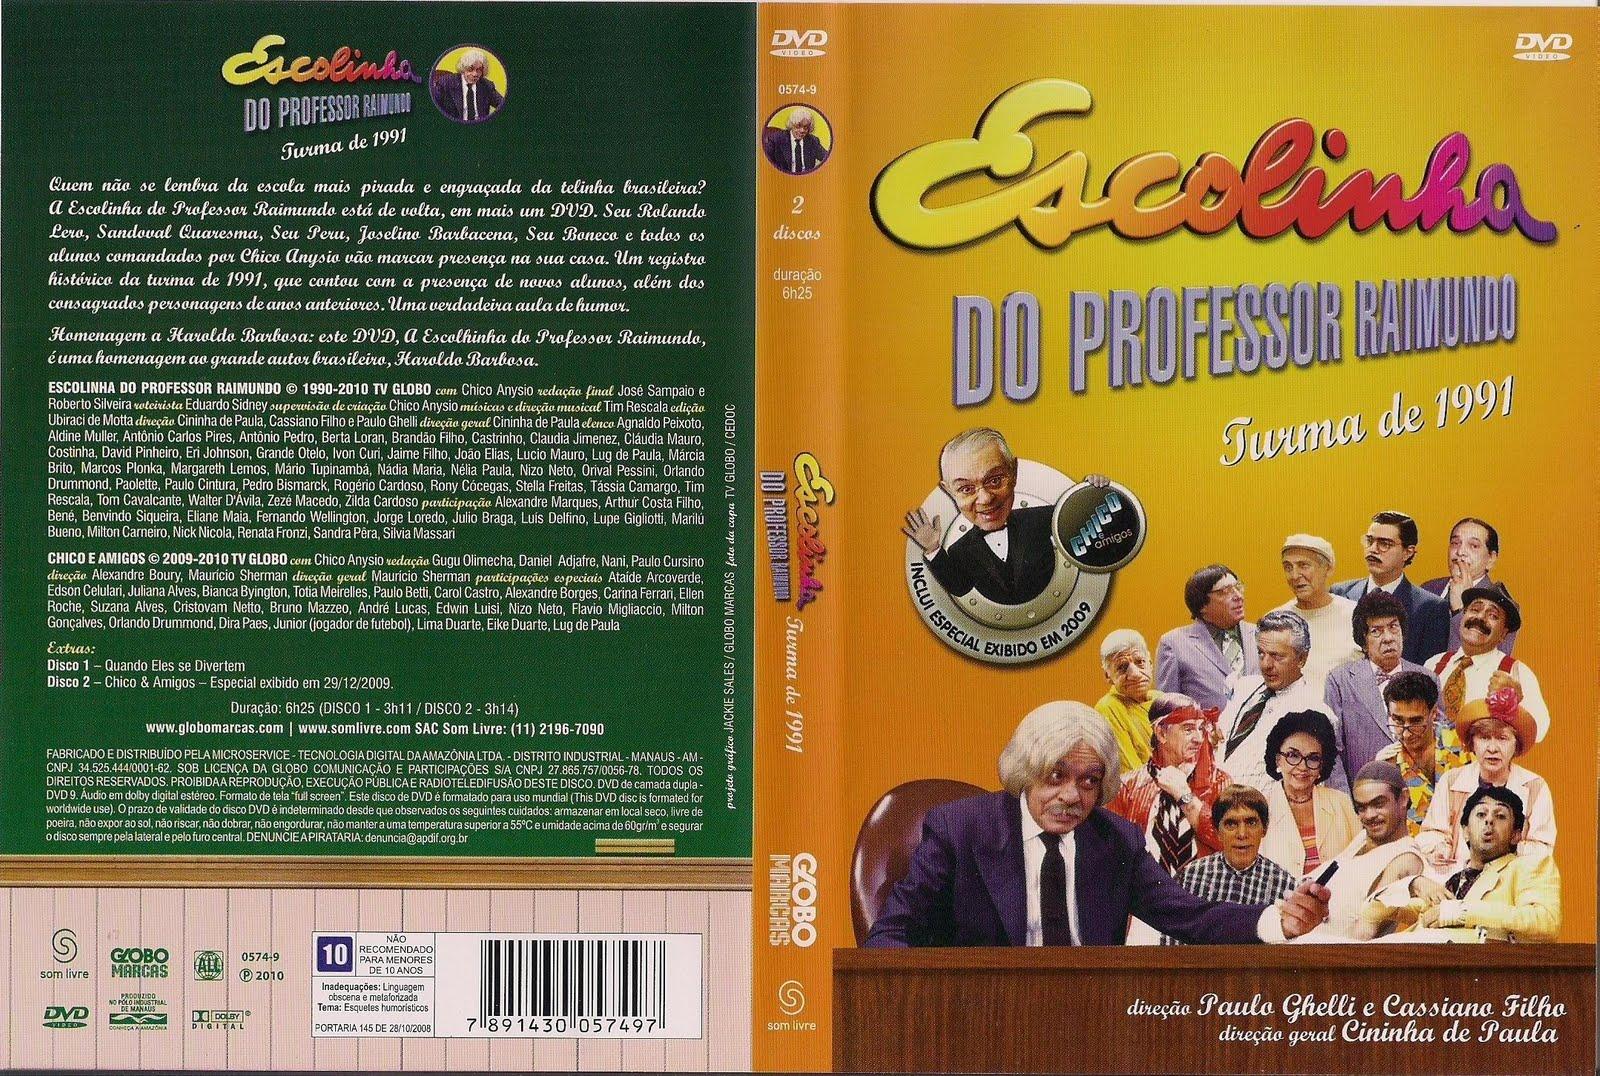 dvd da escolinha do professor raimundo turma de 1991